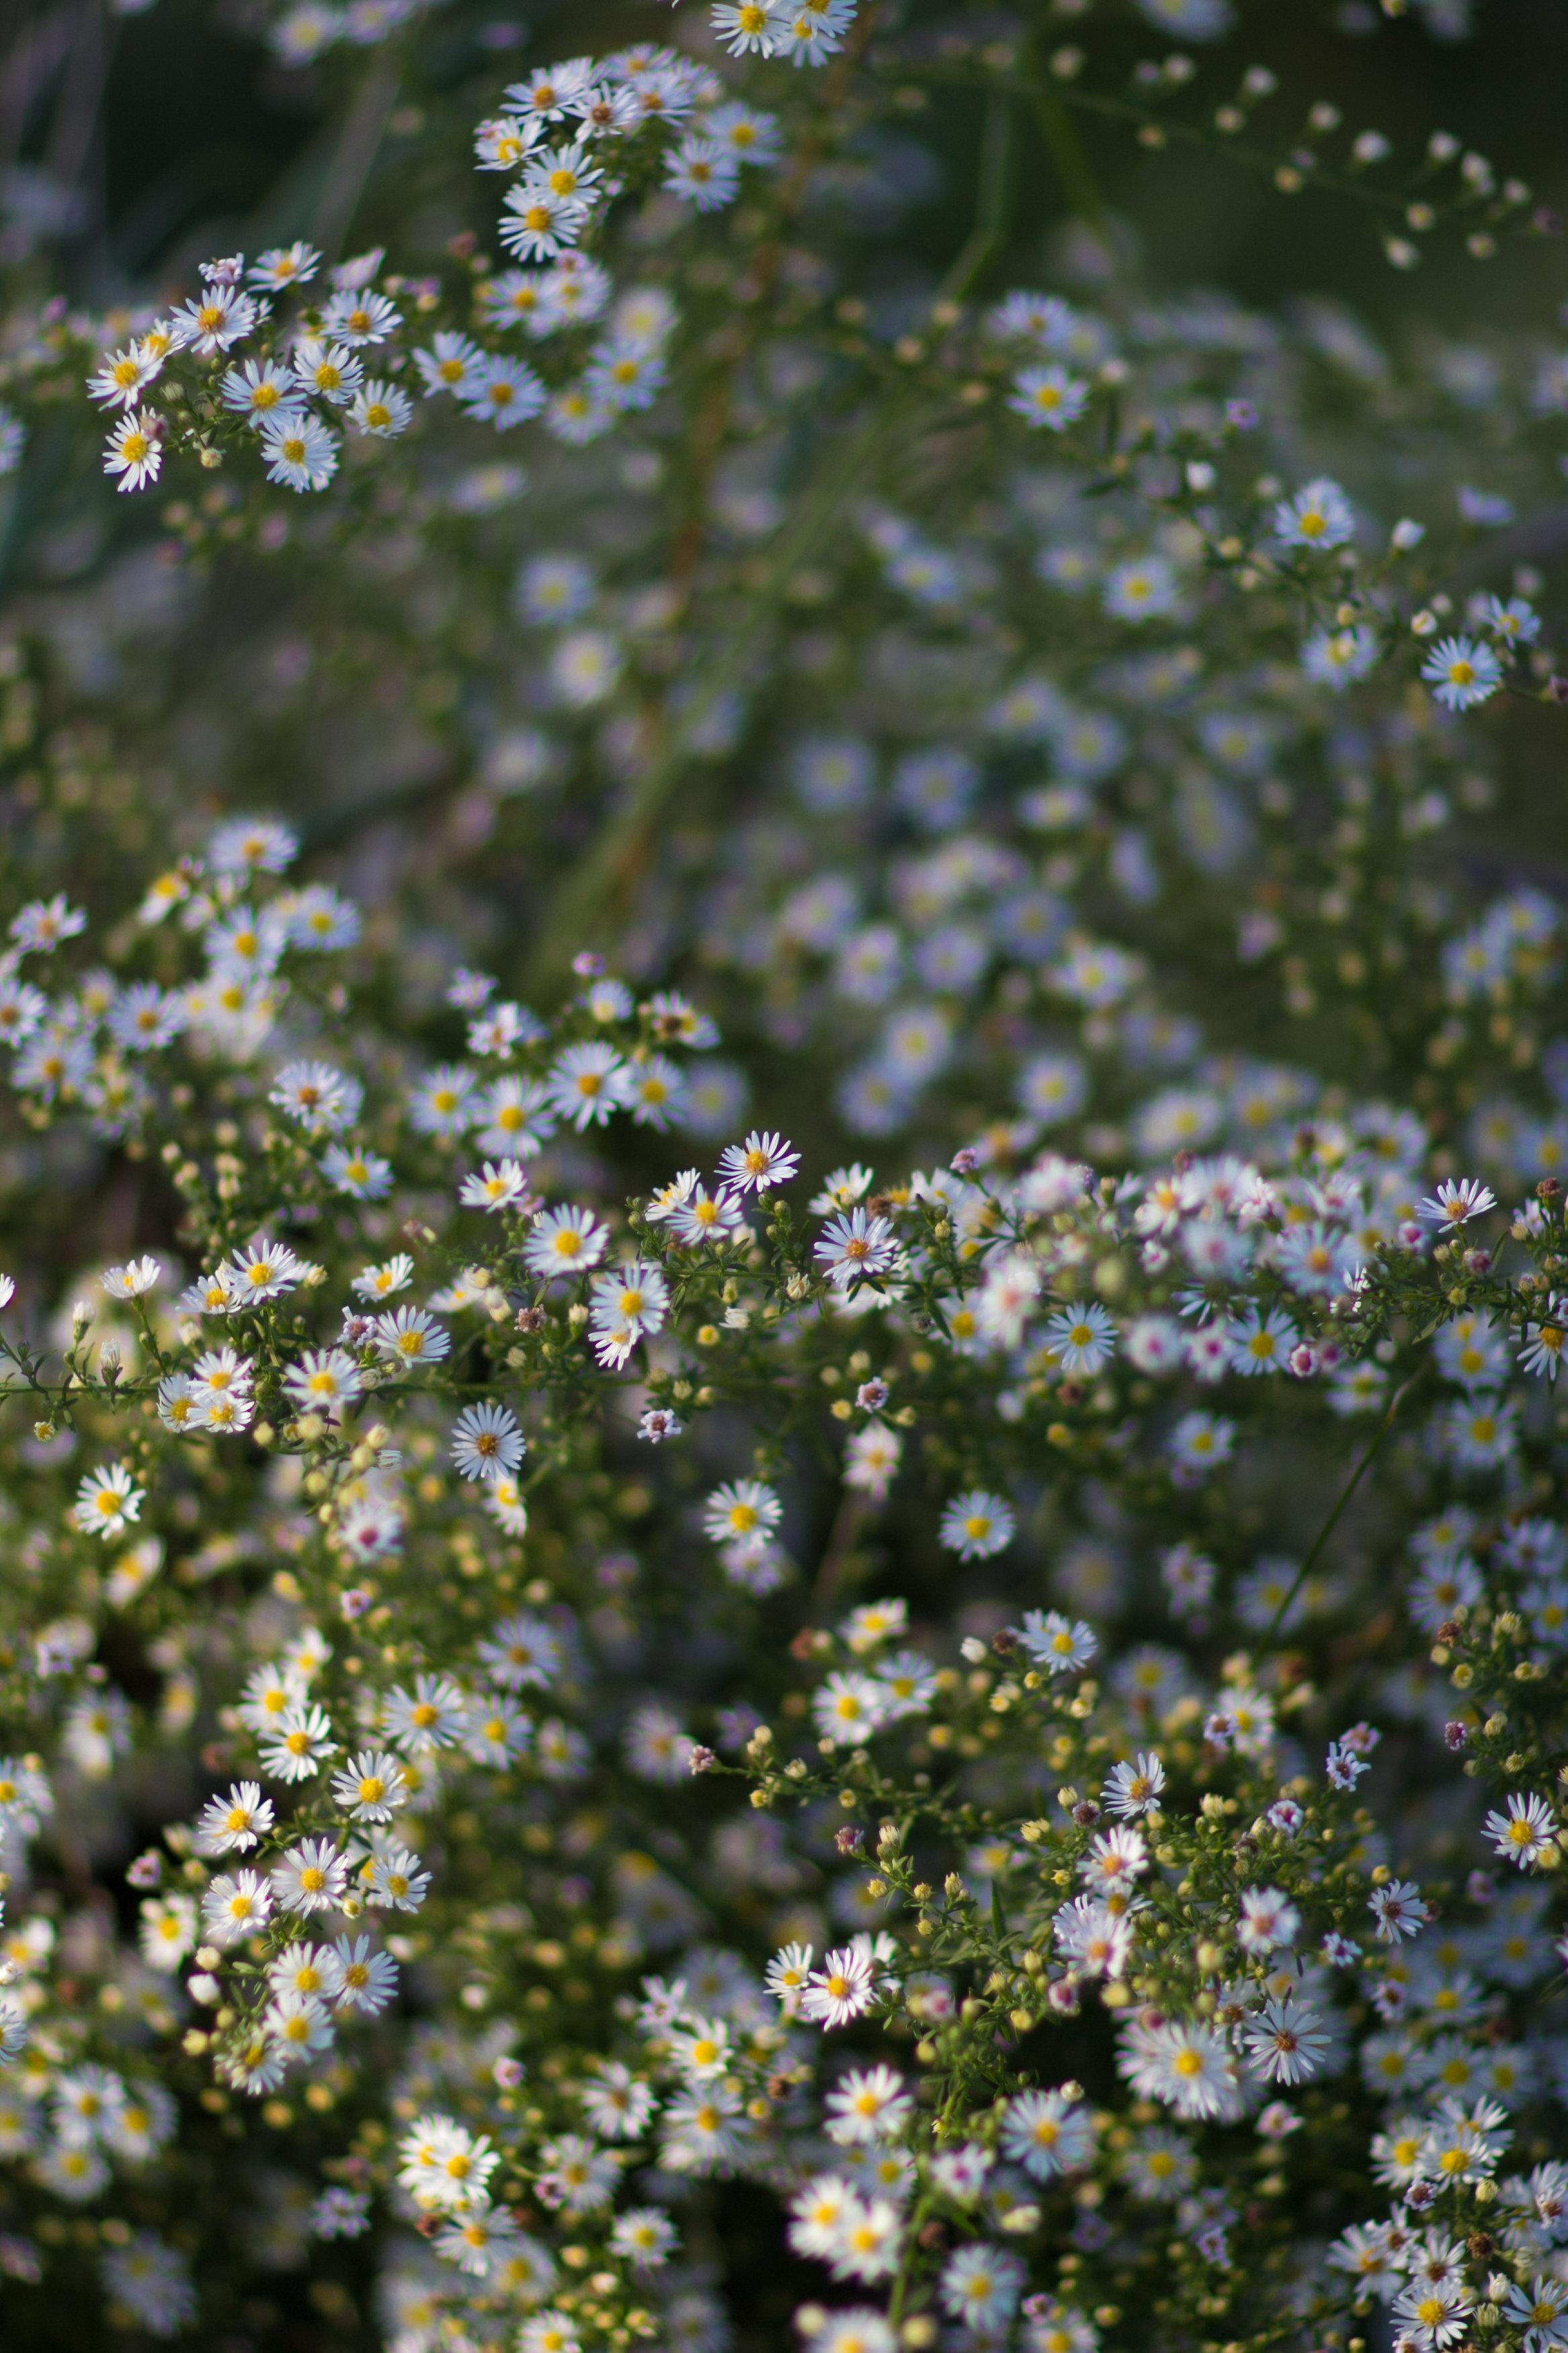 2014.10.06-CaitlinandGreg-Retouched-63.jpg